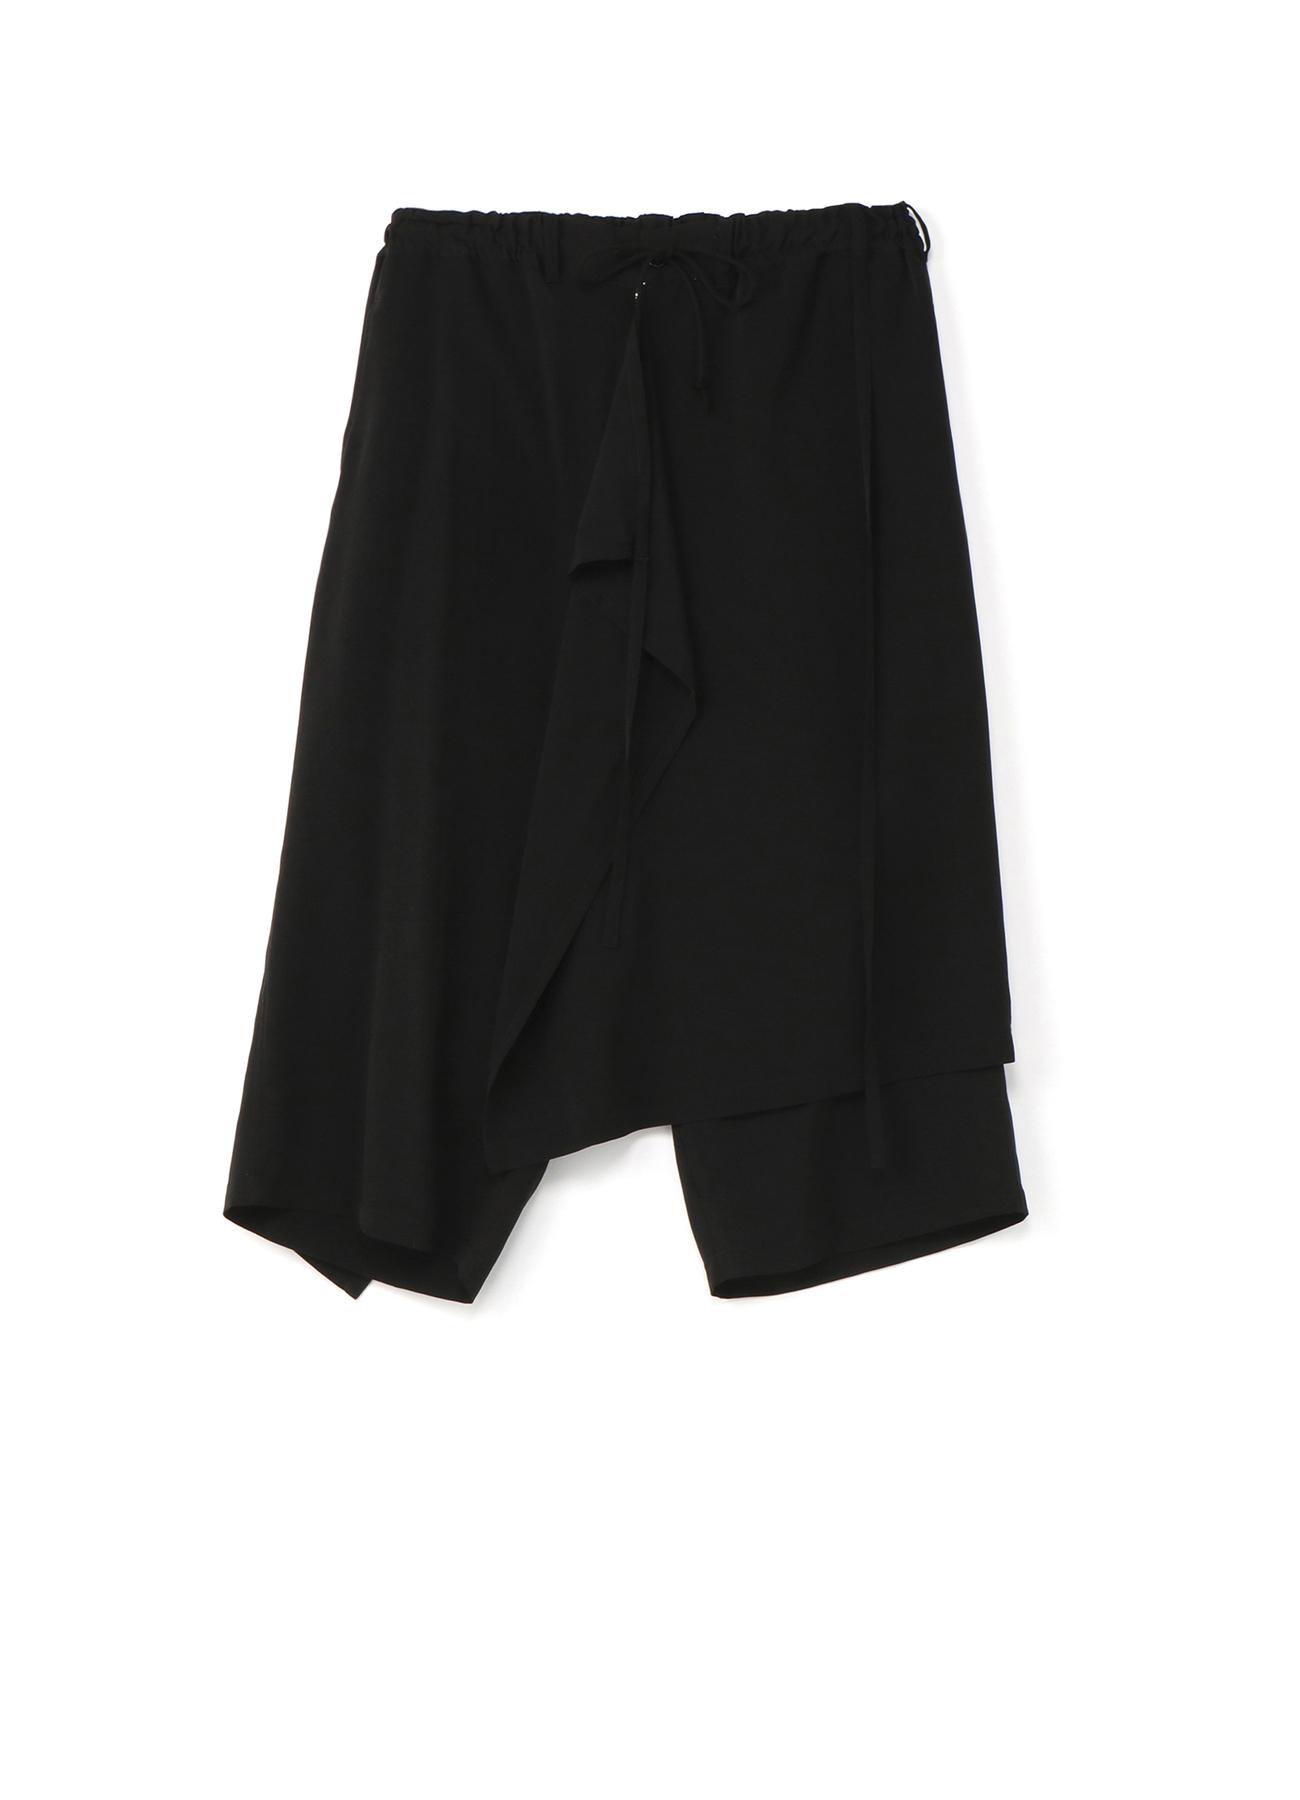 变形设计3WAY七分裤